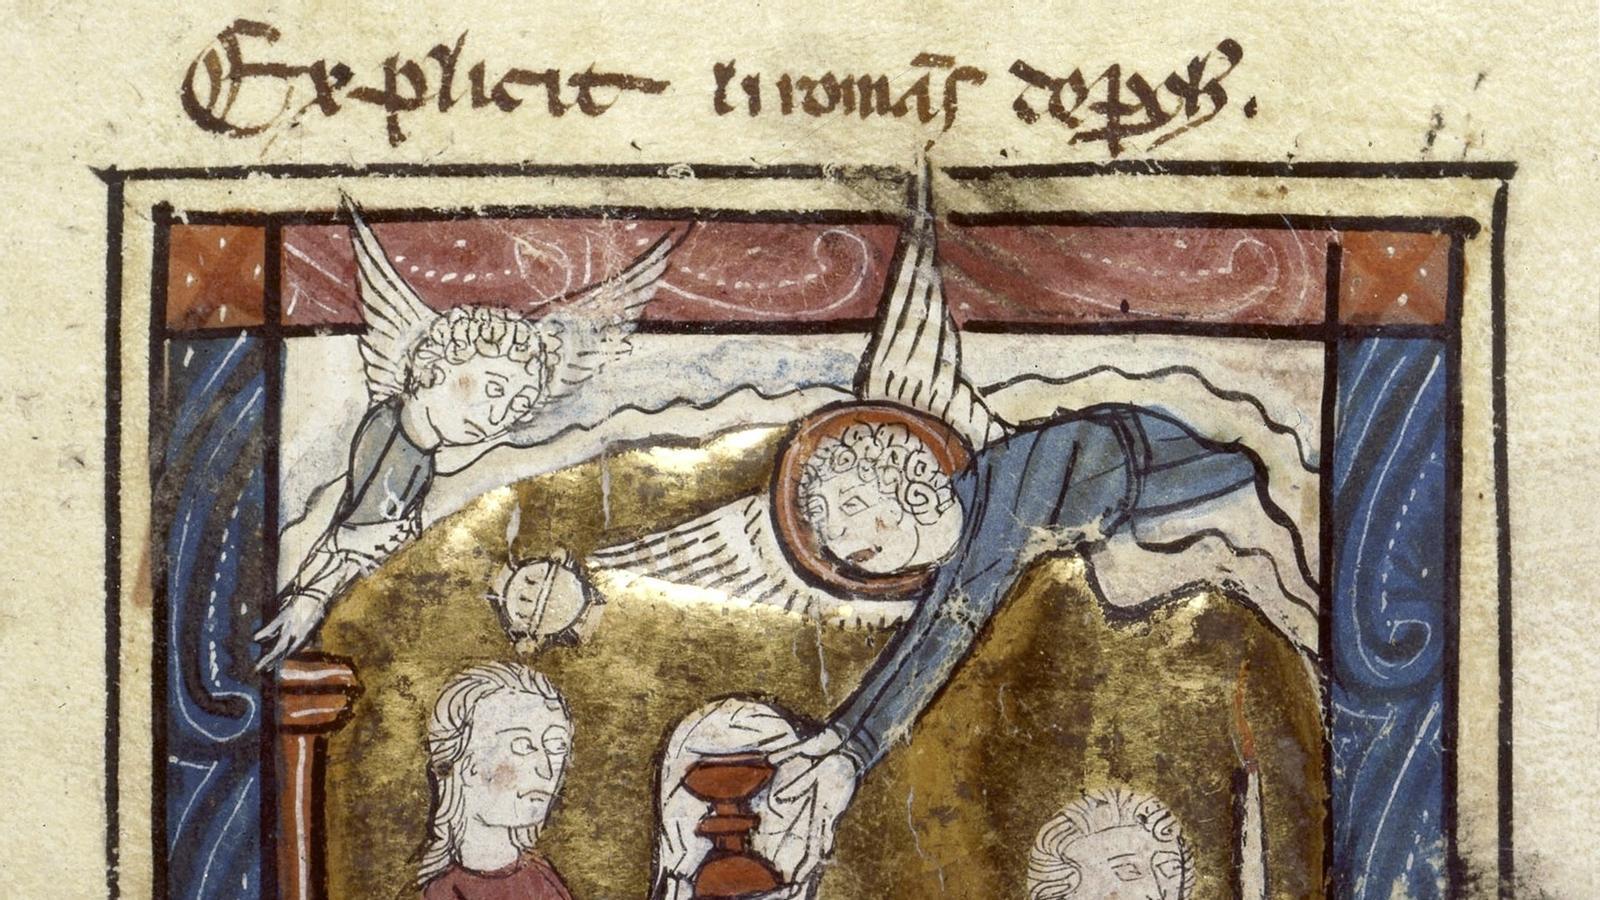 Perceval, agenollat al davant de la donzella que porta el graal, en un manuscrit de finals del segle XIII